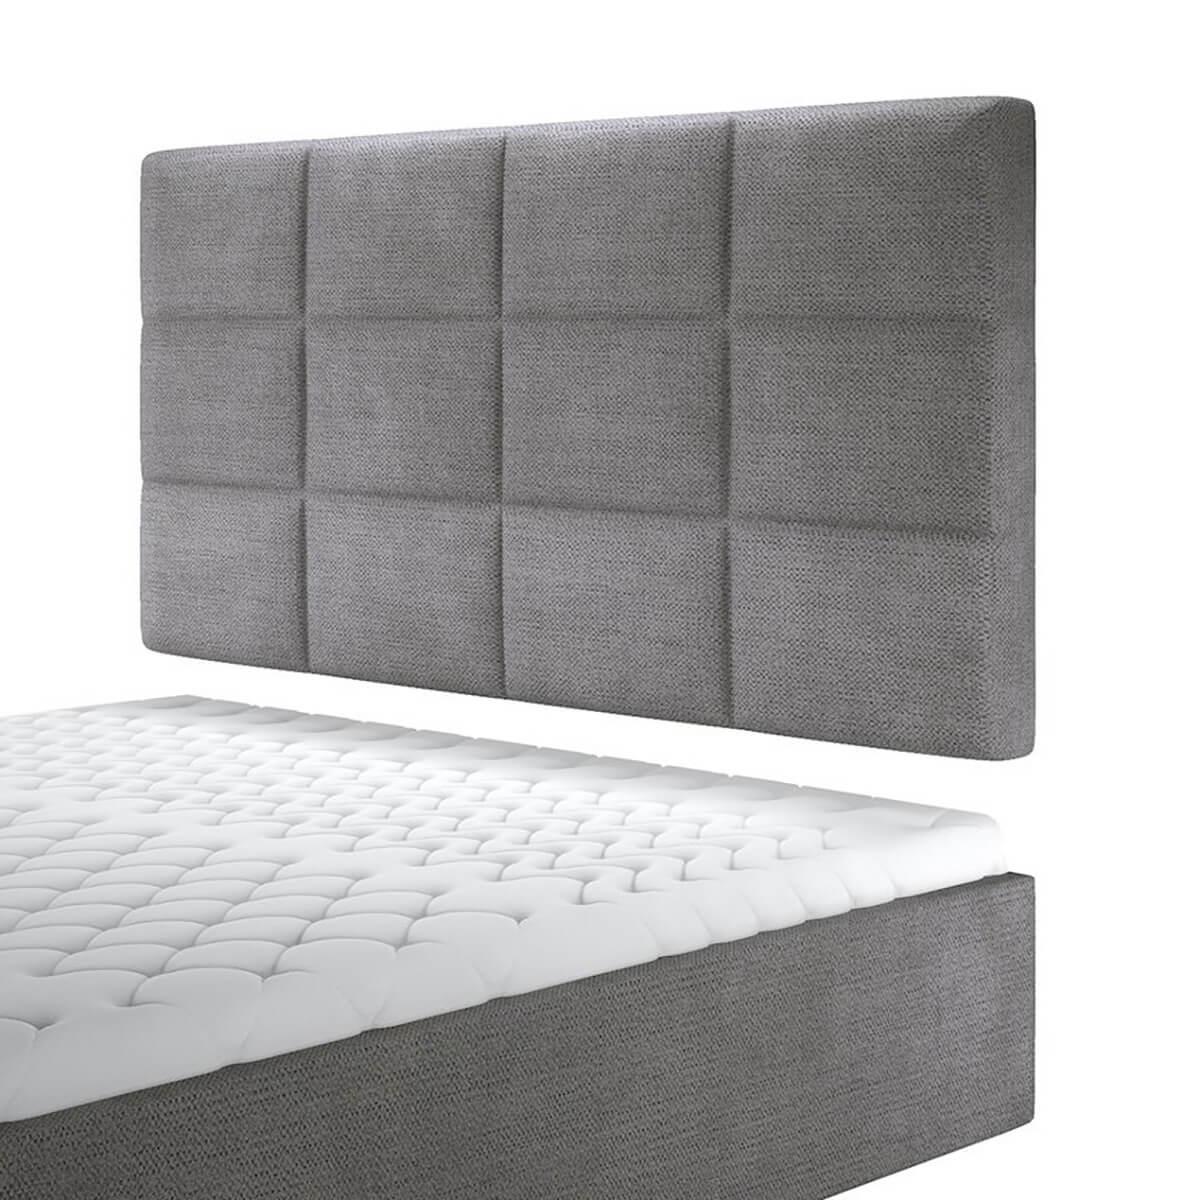 Стенен панел за тапицирано легло, модел ZPS-022